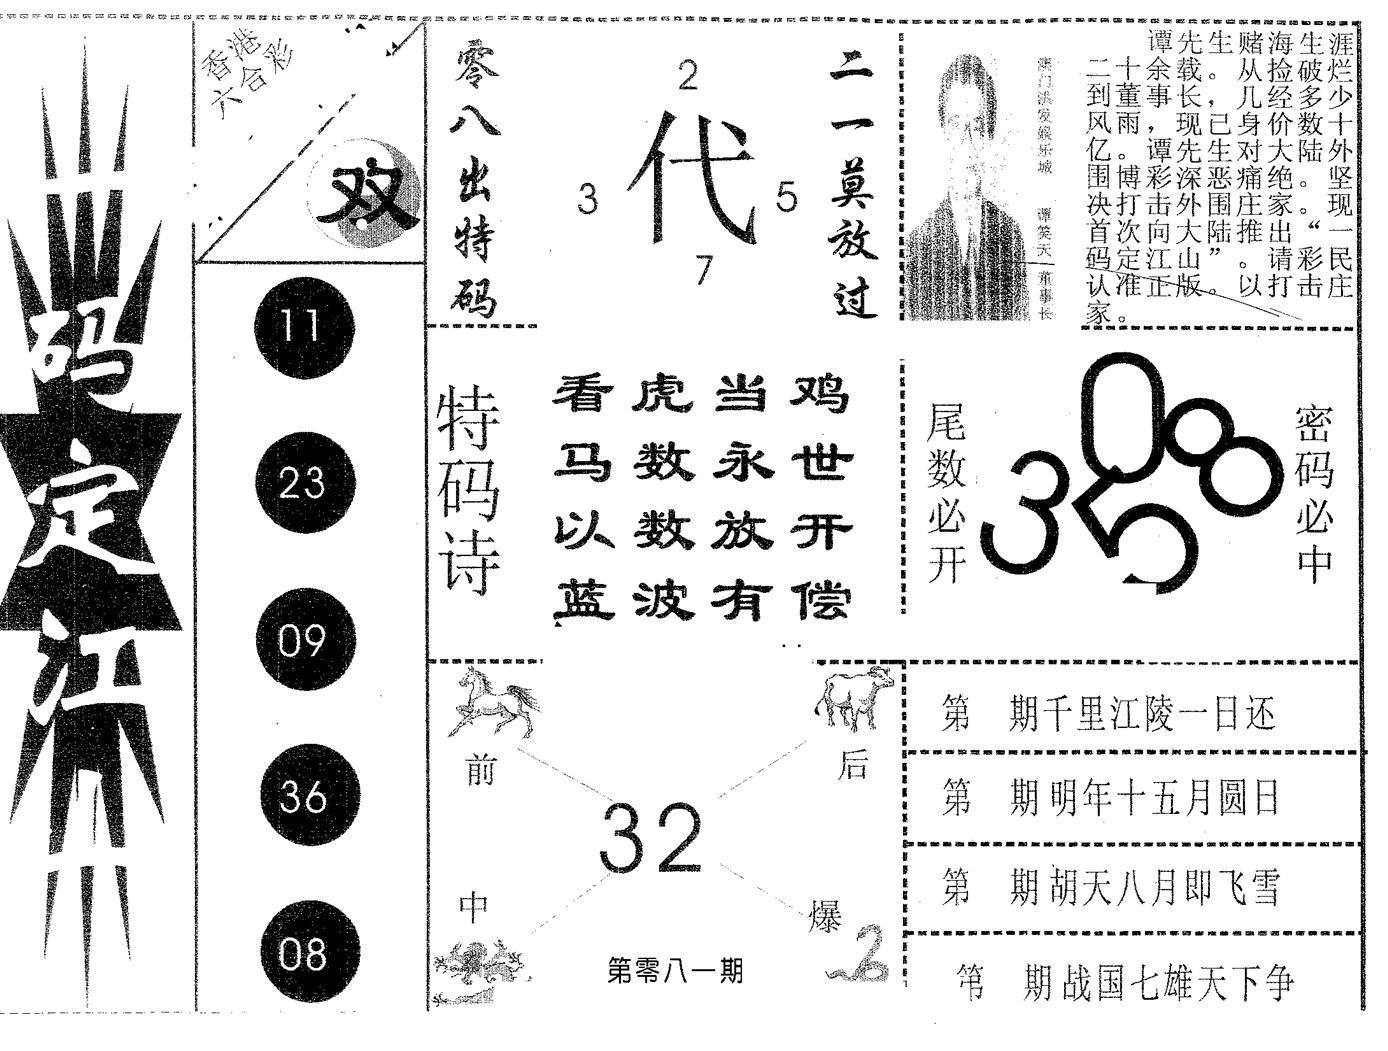 081期一码定江山(黑白)